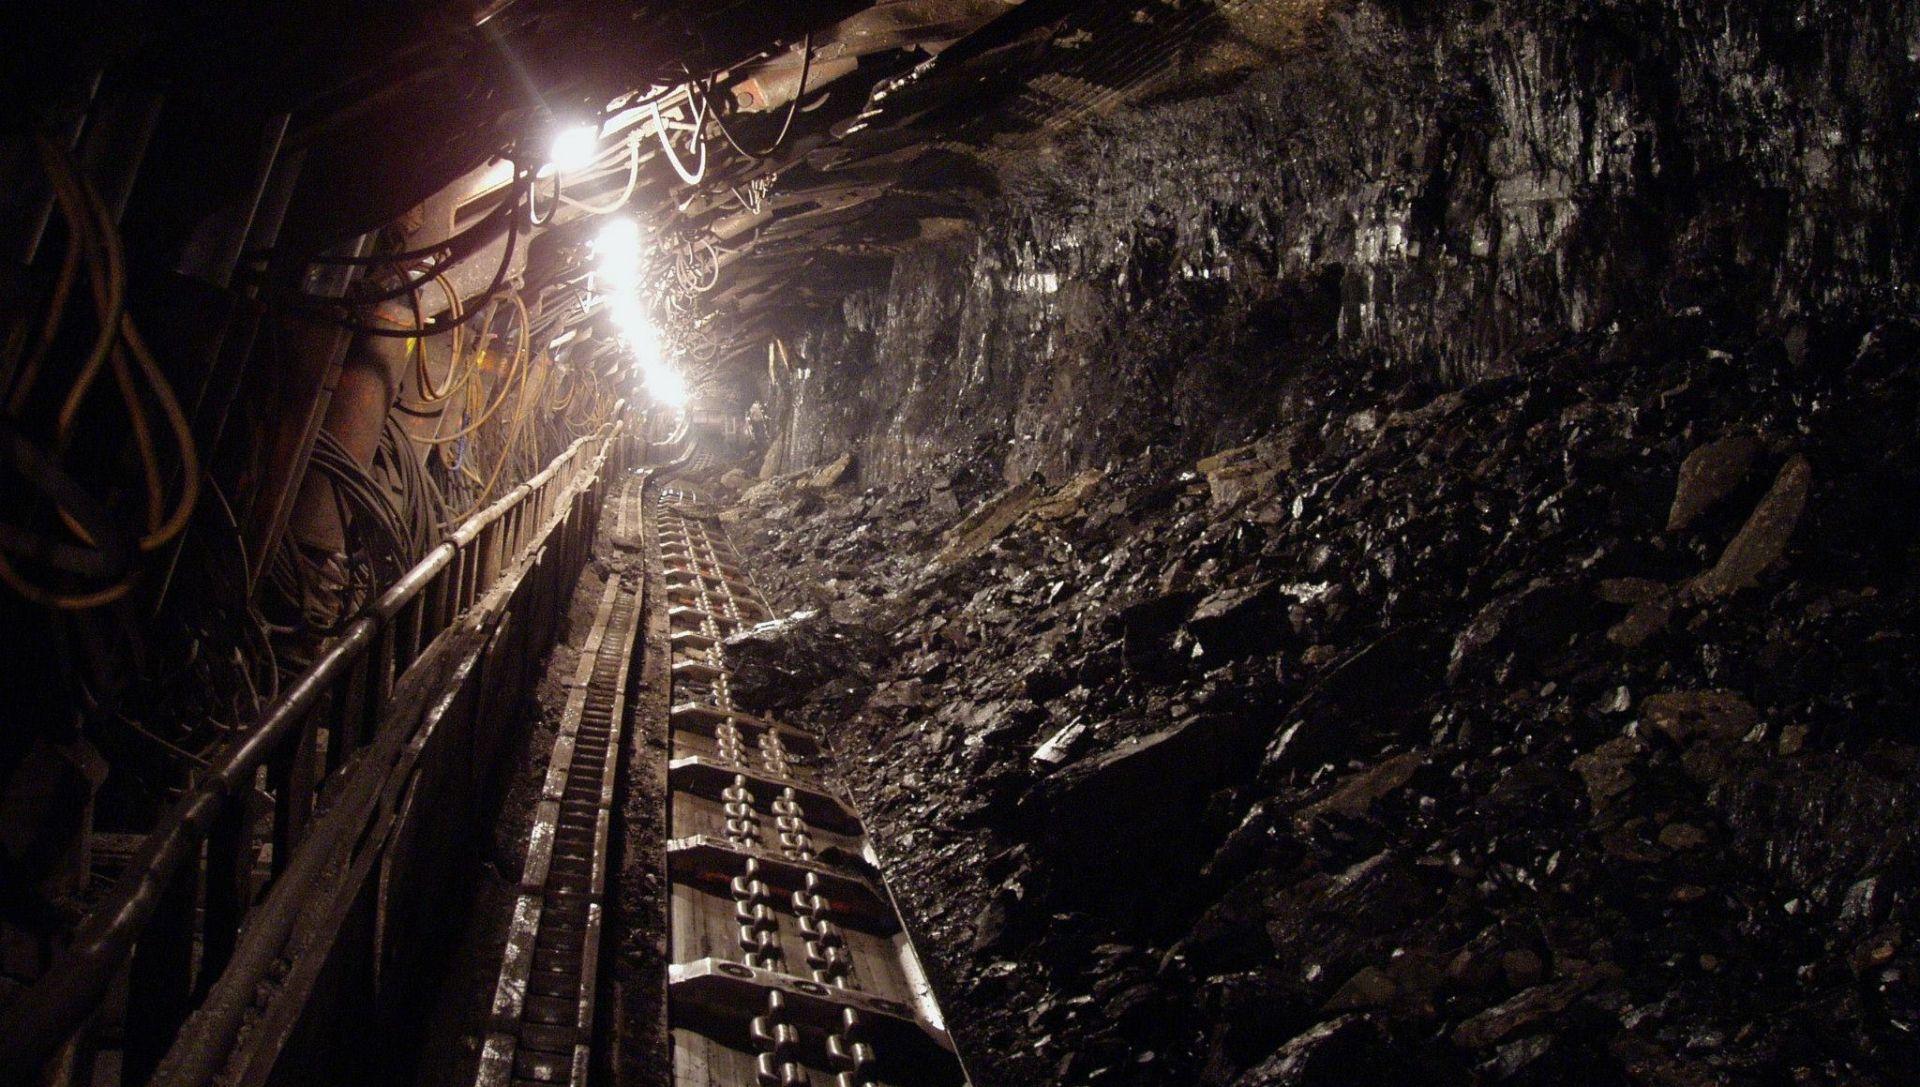 KINA Eksplozija plina u rudniku ugljena, 13 mrtvih, 20 nestalih